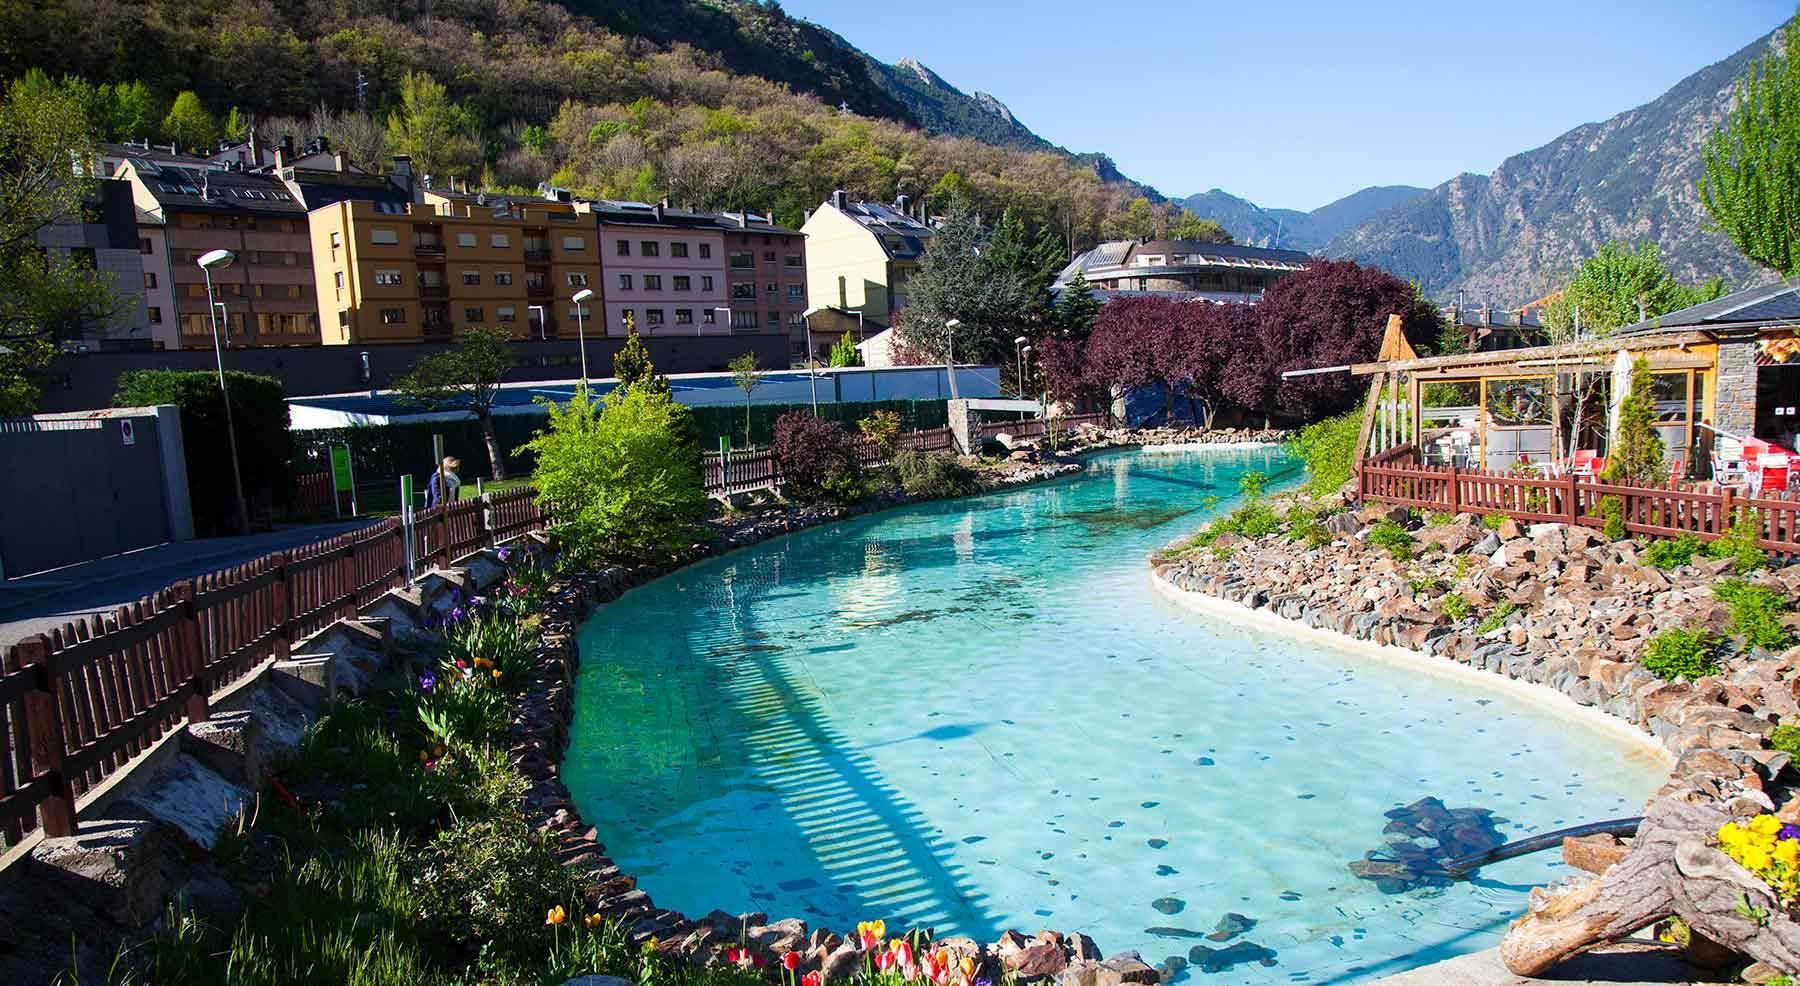 Parc Central, cosas que ver en Andorra la Vella con niños